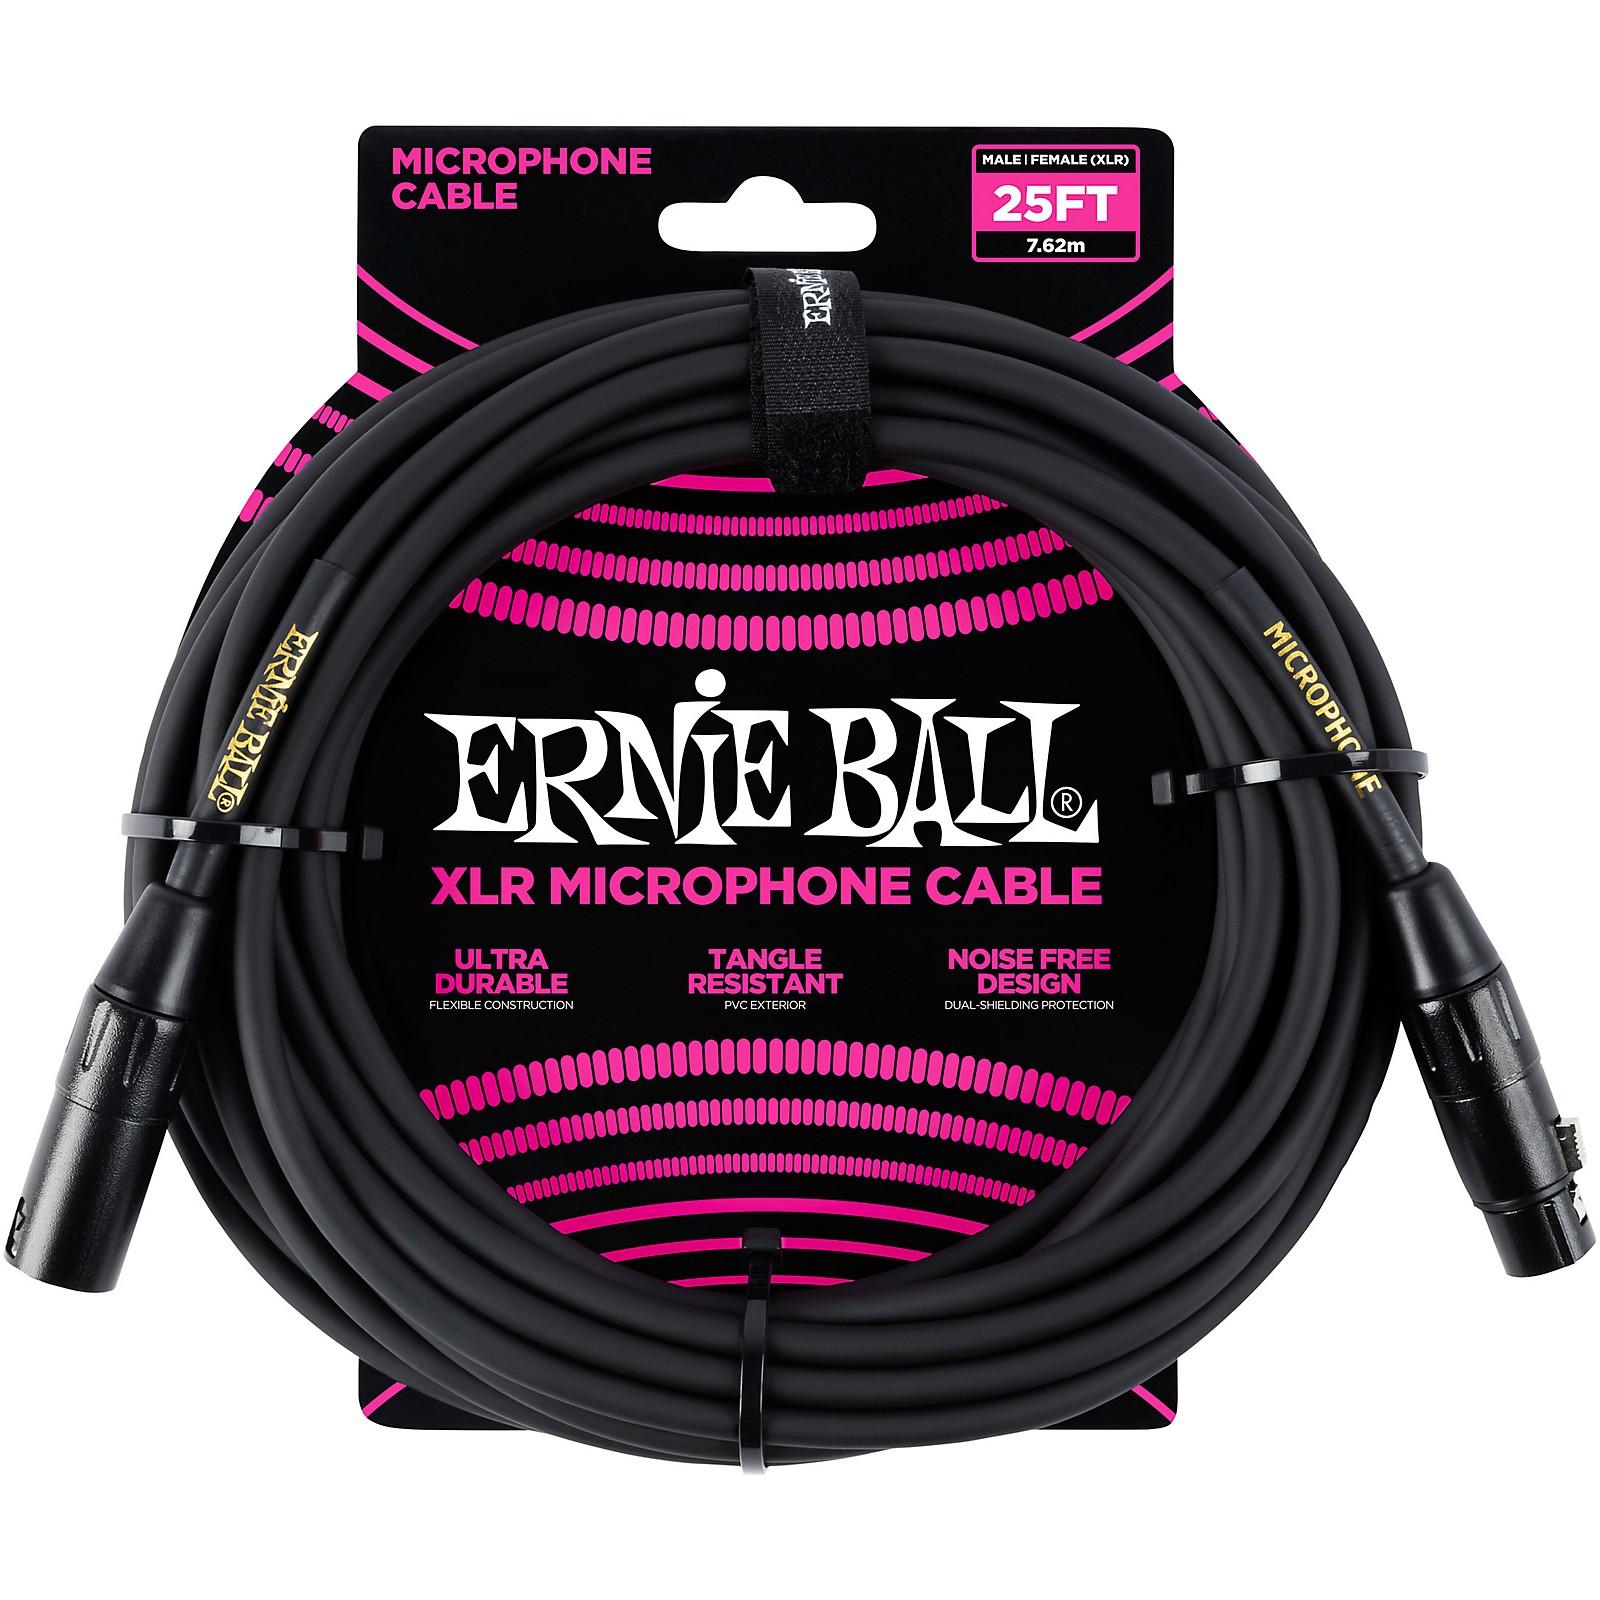 Ernie Ball 25ft XLR Microphone Cable Black